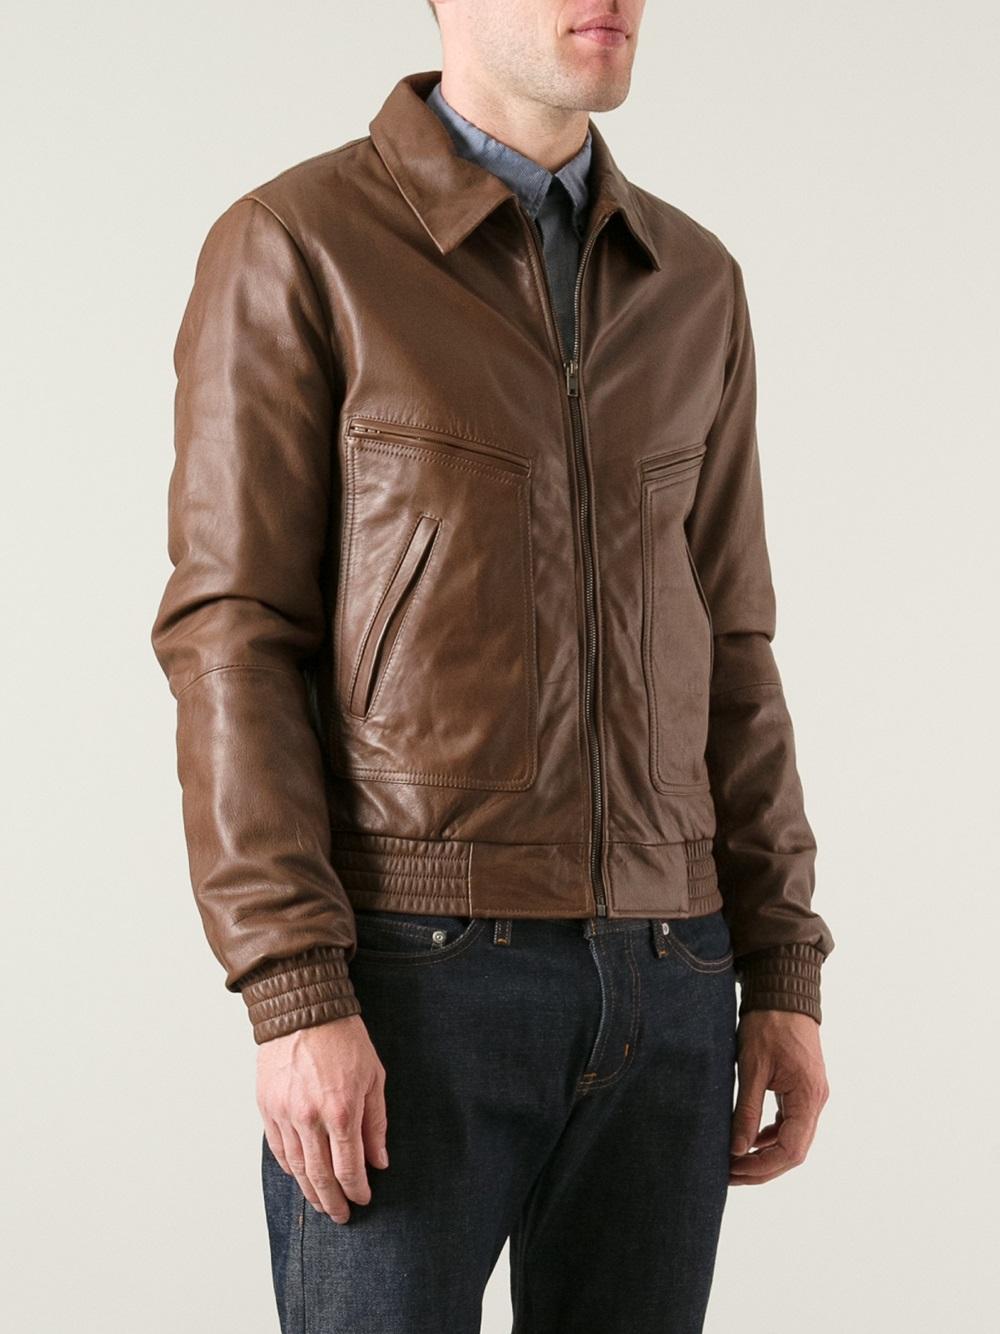 lyst dolce gabbana leather jacket in brown for men. Black Bedroom Furniture Sets. Home Design Ideas